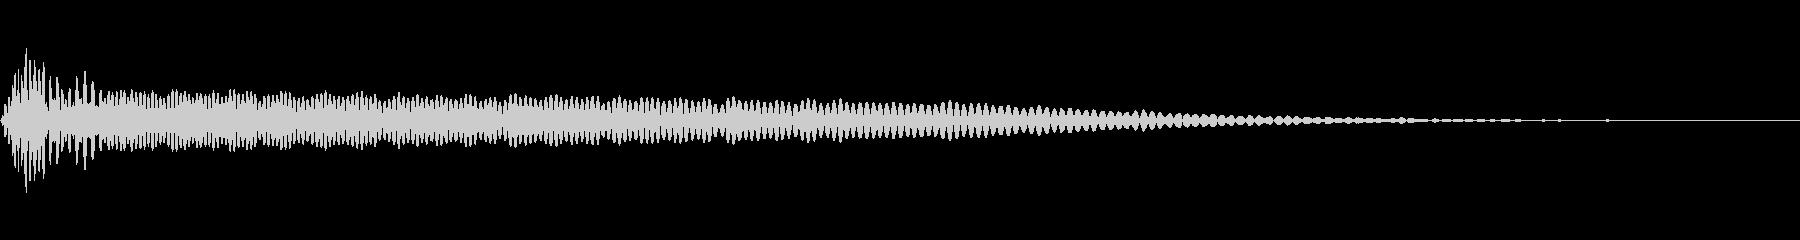 電気ウナギ、サブドロップ。 2チャ...の未再生の波形